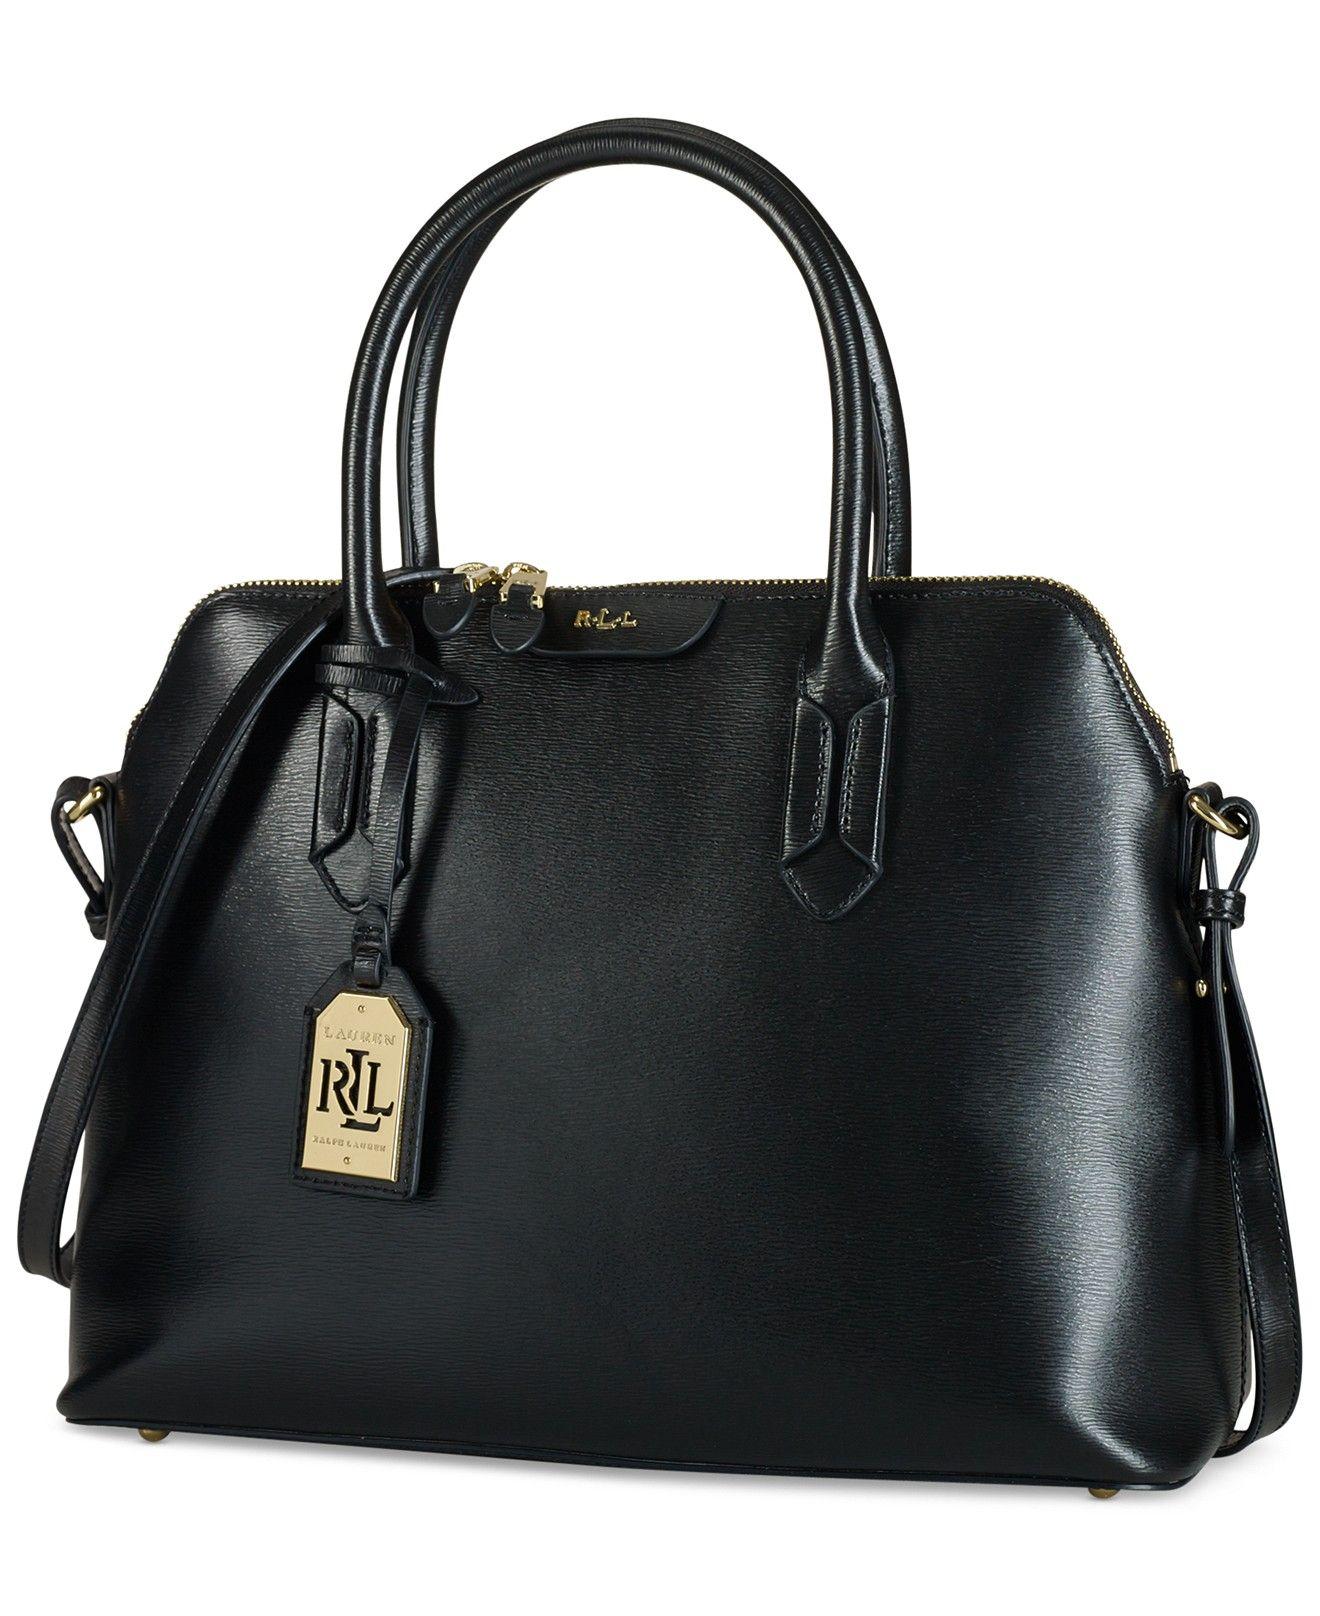 8aa7e919344e5 Lauren Ralph Lauren Tate Dome Satchel - Designer Handbags - Handbags    Accessories - Macy s